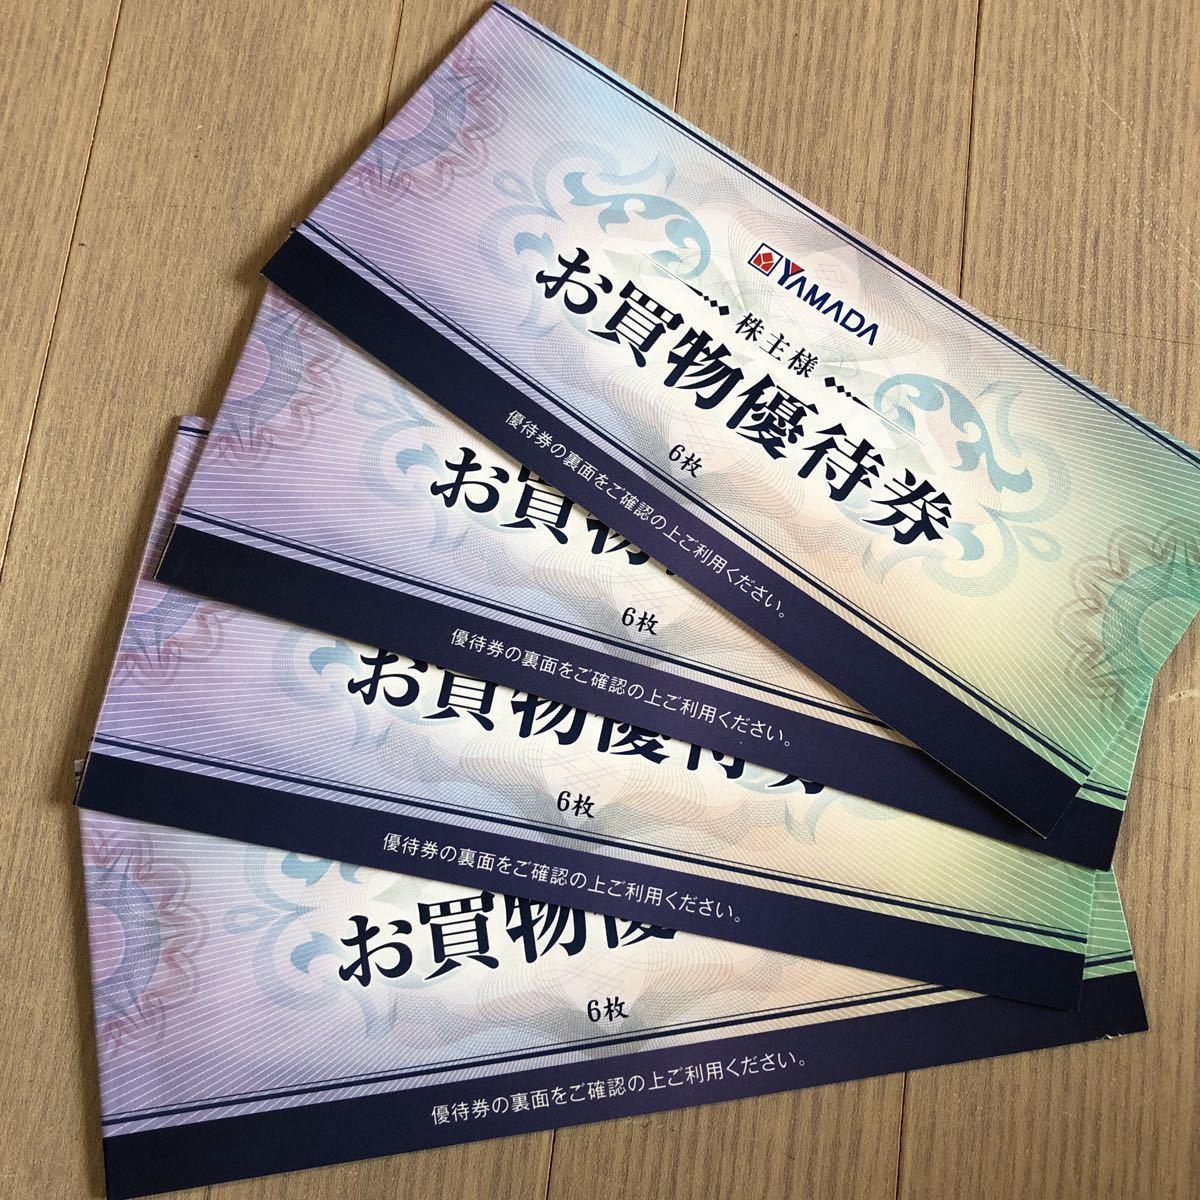 ヤマダ電機株主優待券12000円送料込み_画像1